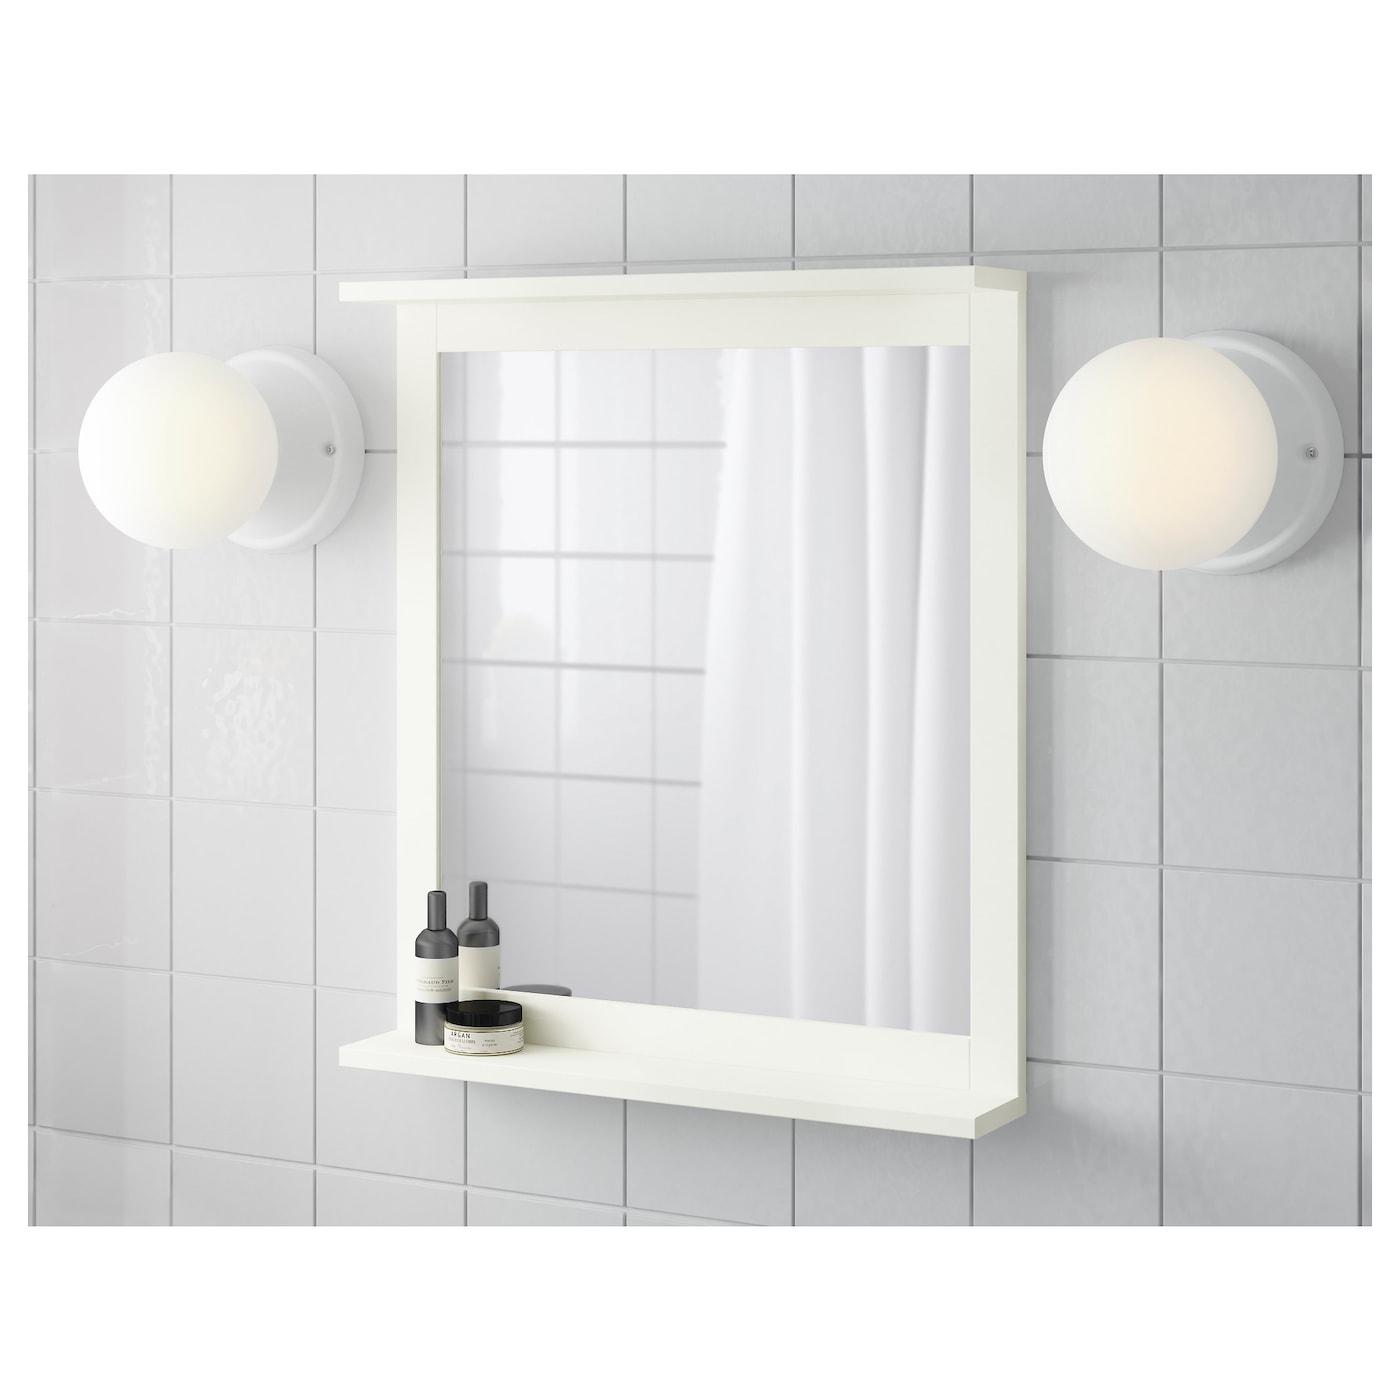 Silver n espejo con estante blanco 56 x 64 cm ikea - Espejo blanco ikea ...